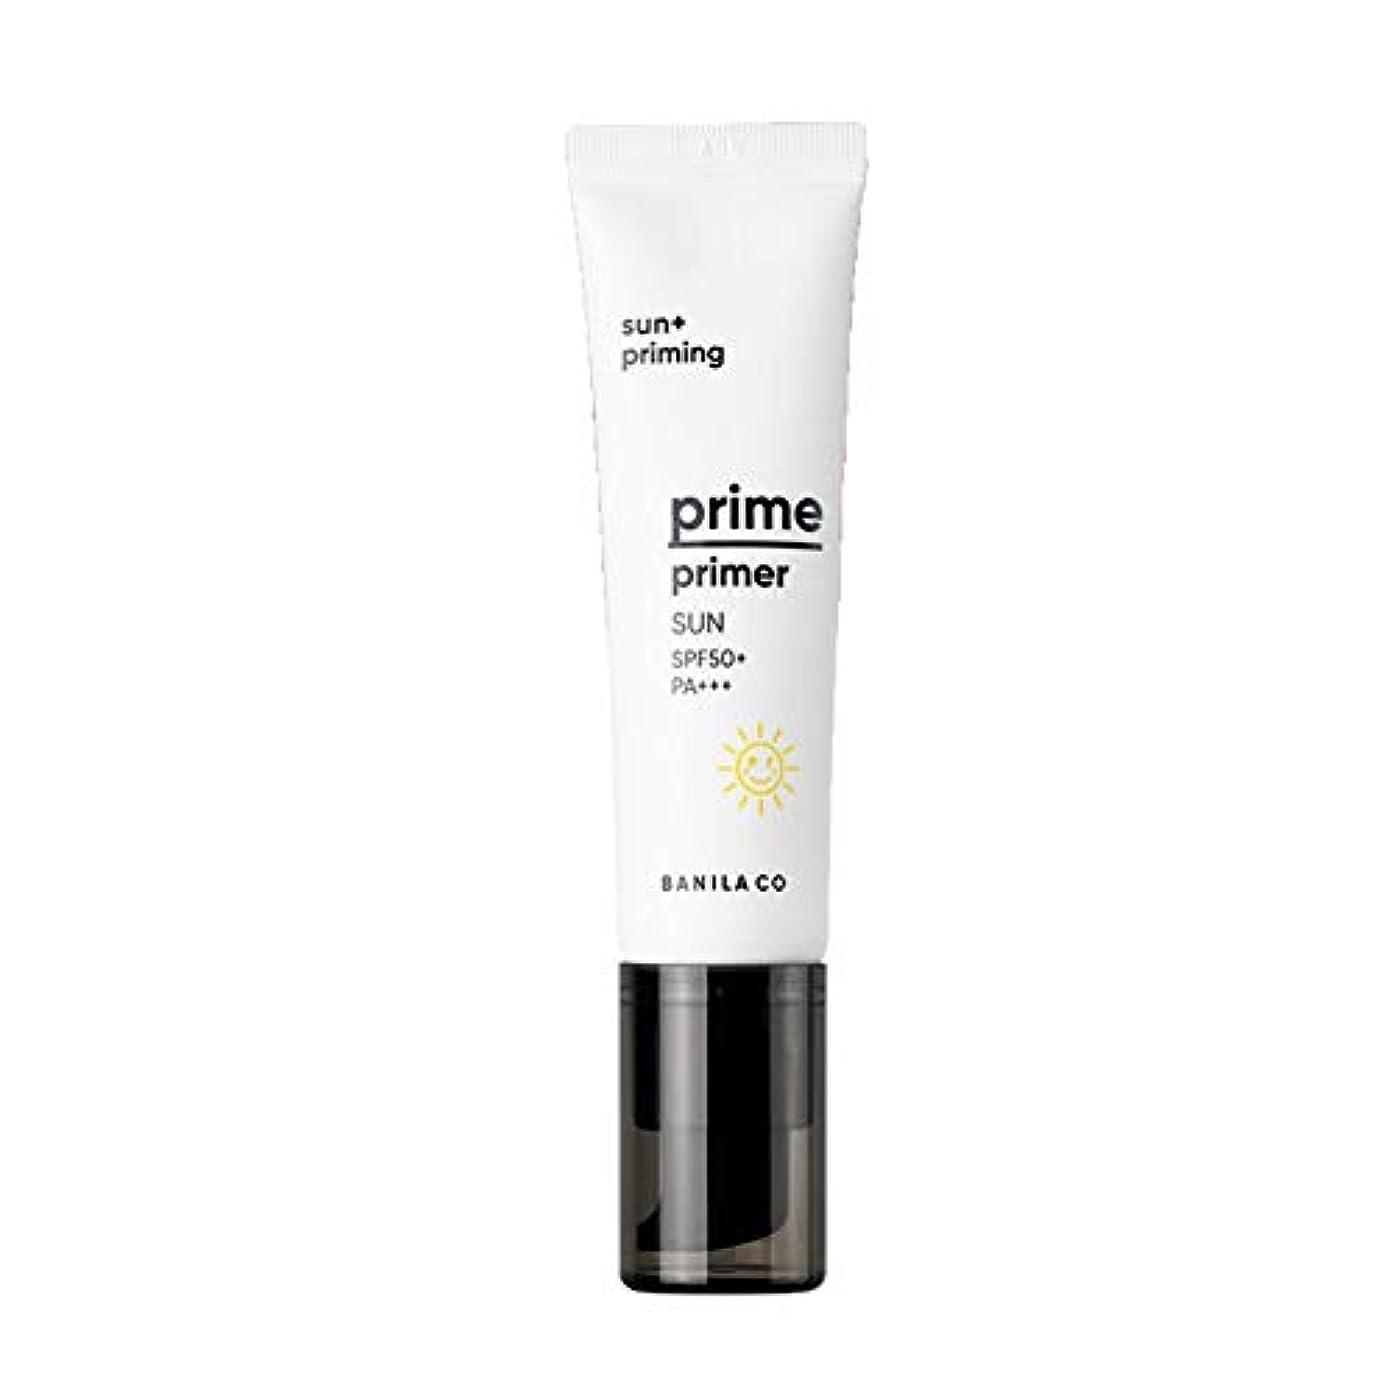 アスリート小道具豊かなバニラコプライムプライマーサン30mlサンクリーム韓国コスメ、Banila Co Prime Primer Sun 30ml Sun Cream Korean Cosmetics [並行輸入品]